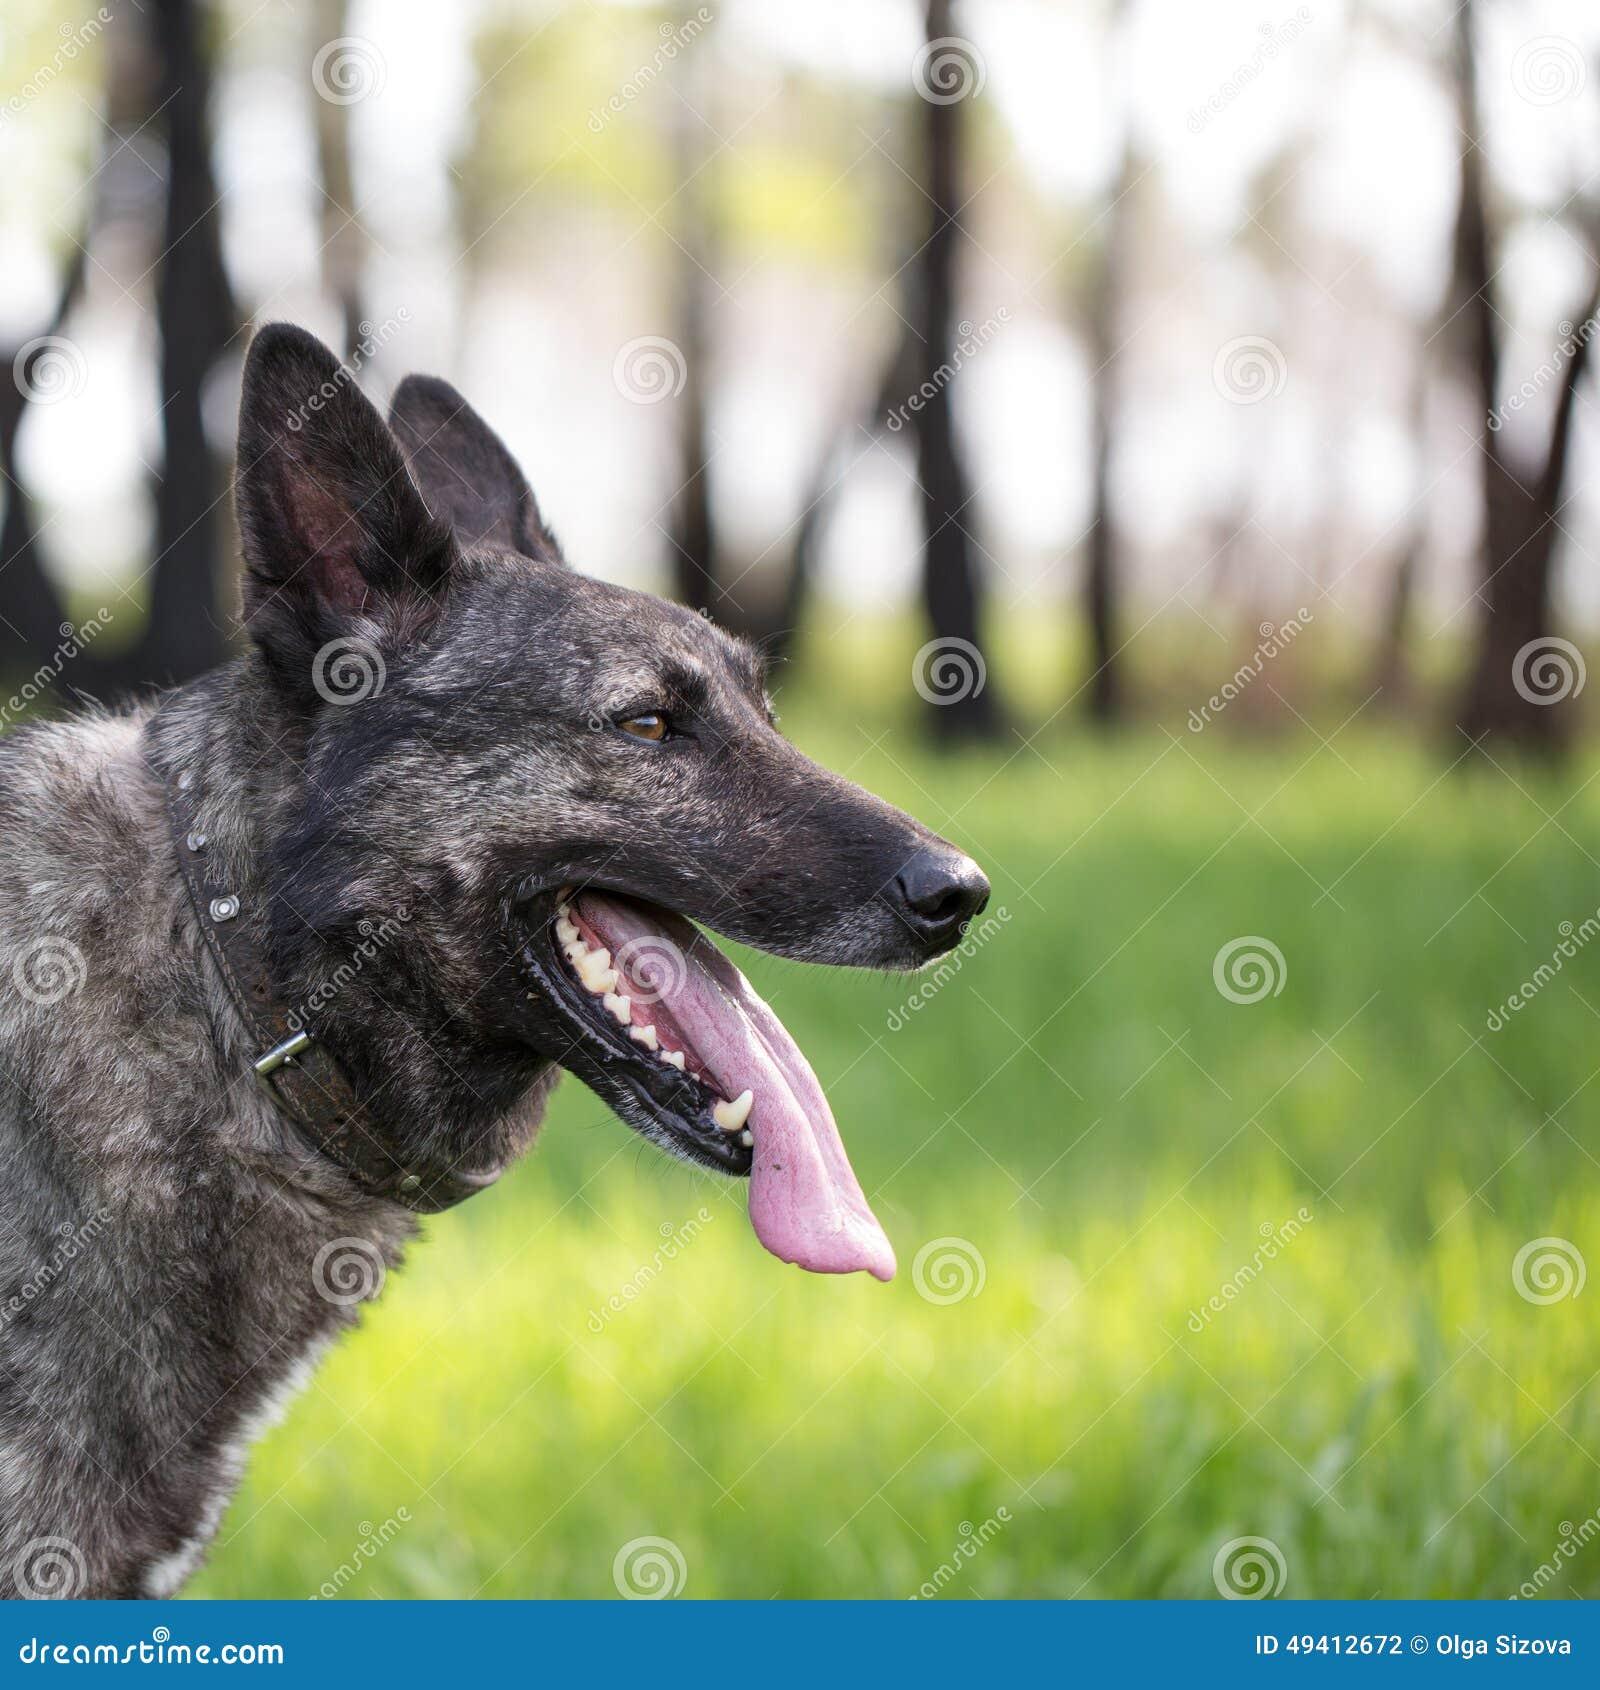 Download Hund auf dem Gras stockfoto. Bild von rasen, behaart - 49412672